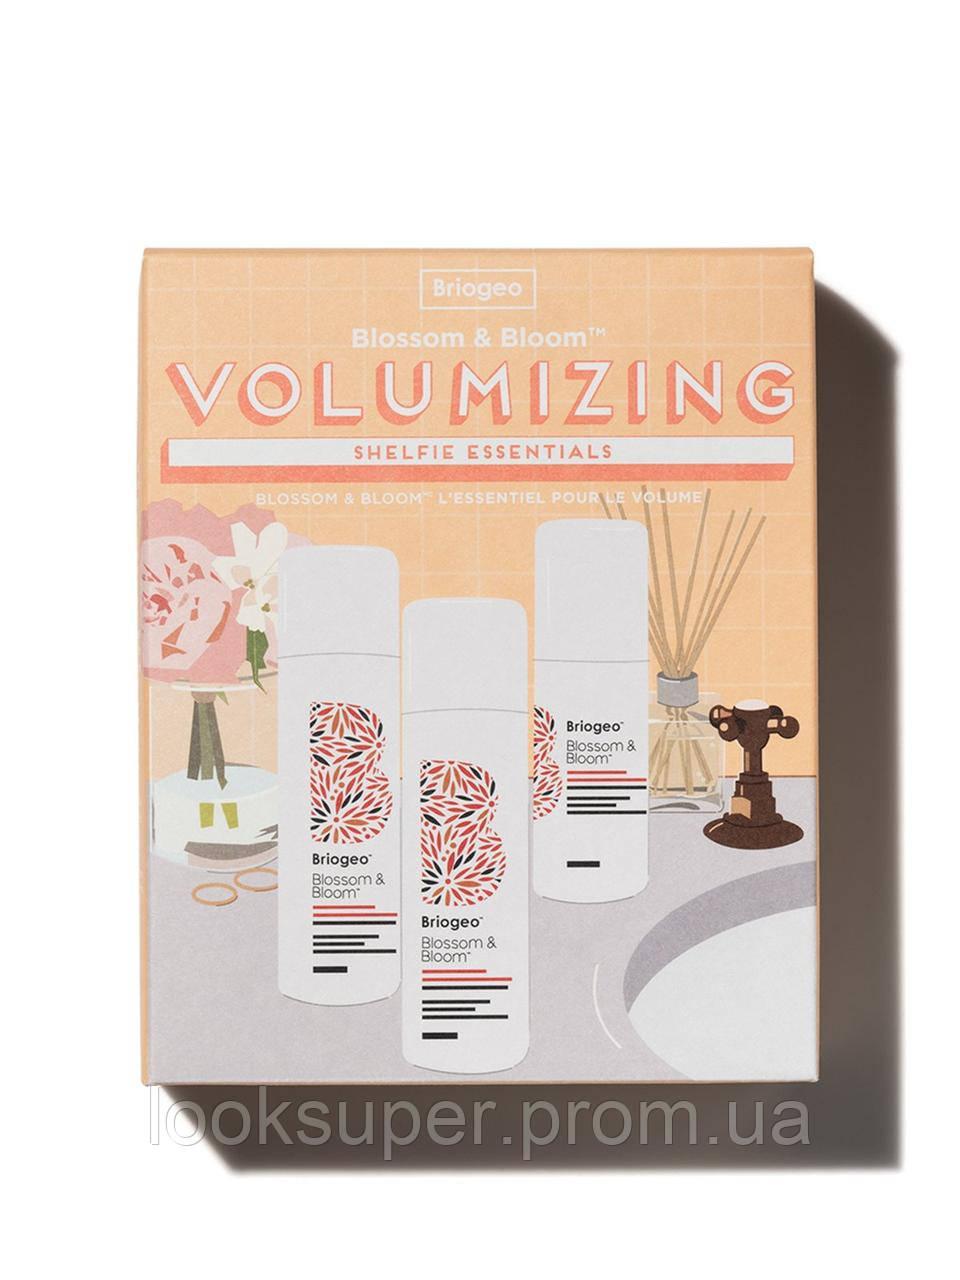 Набор для ухода за волосами Briogeo dvolumizing shelfie essentials kit